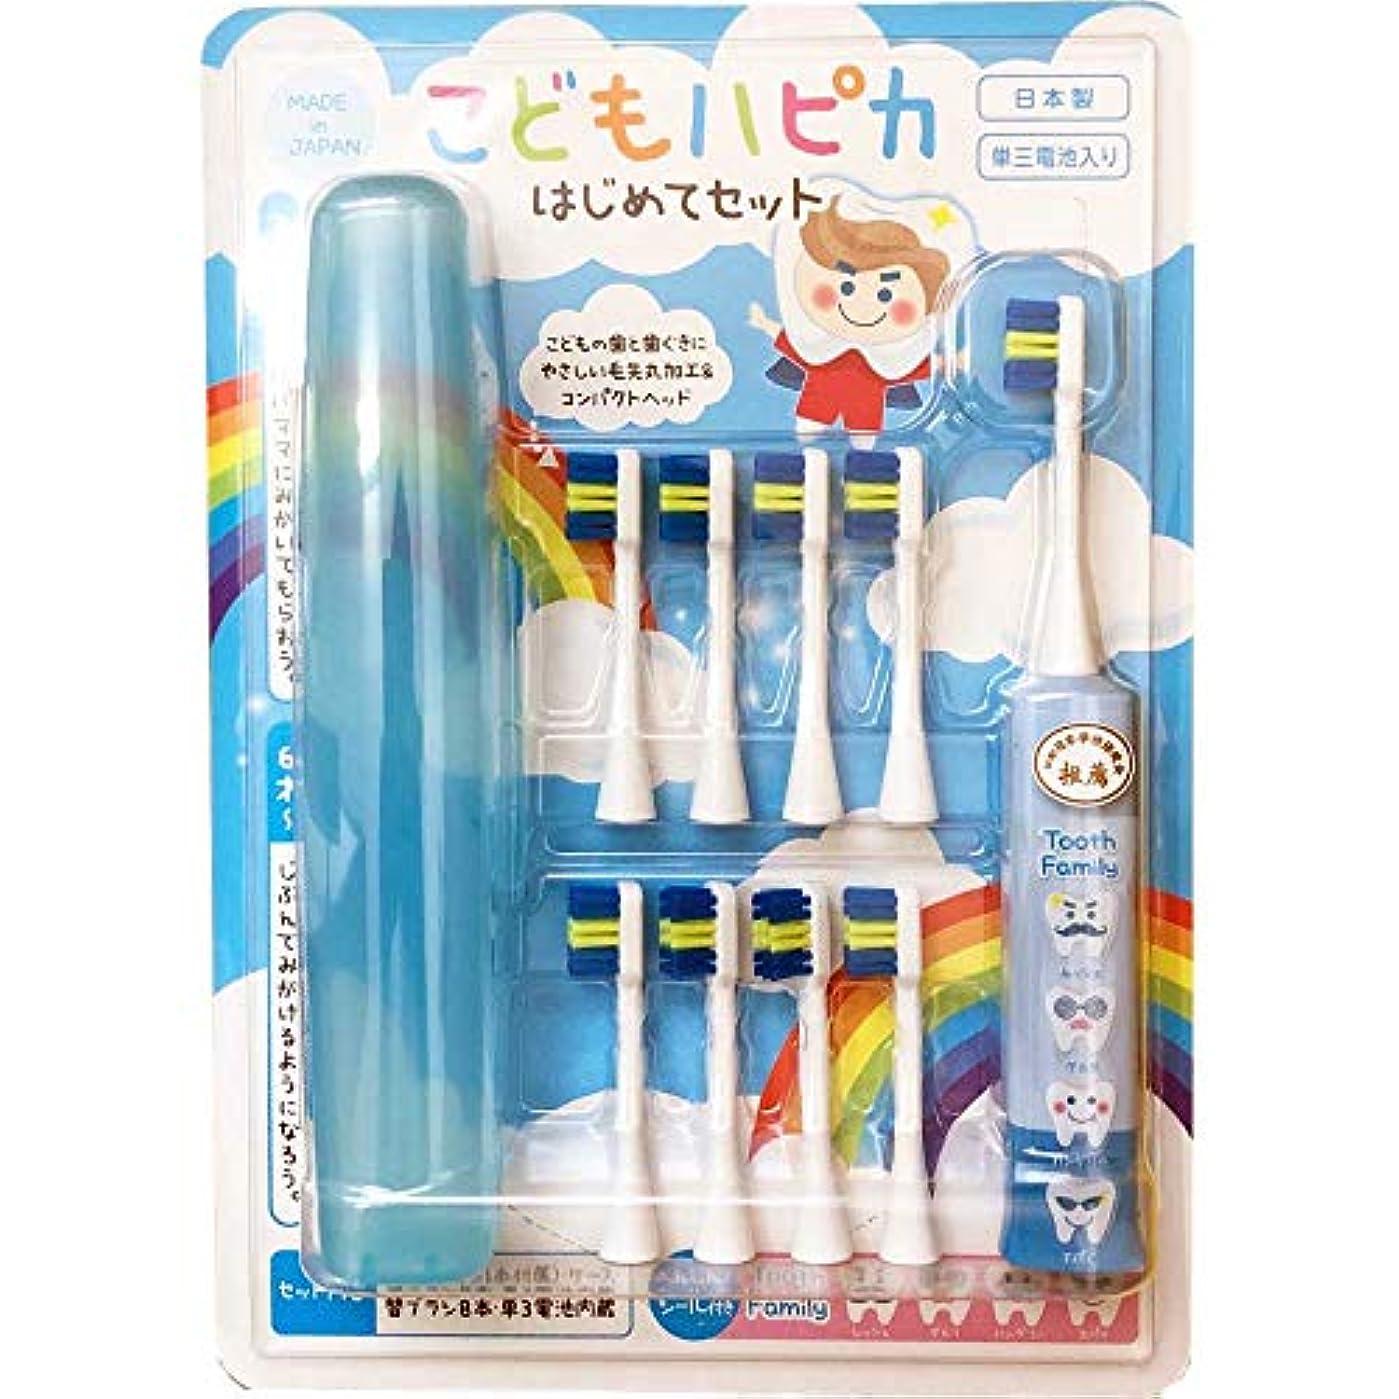 重大インキュバスきらめきミニマム こどもハピカセット ブルー 子供用電動歯ブラシ